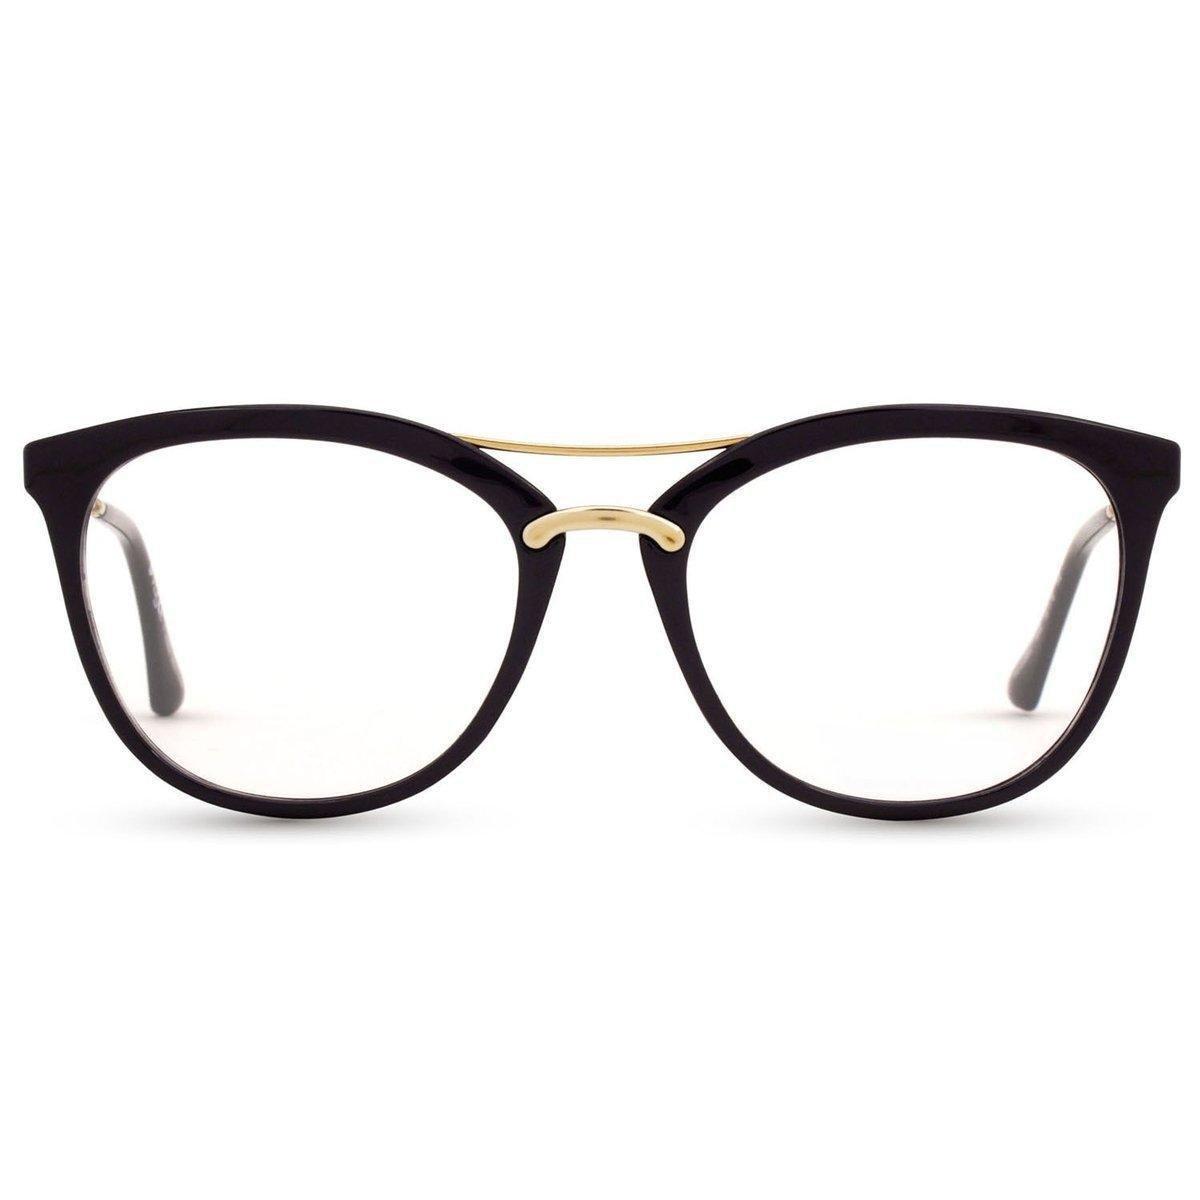 13dbd971835c8 Armação Óculos de Grau Vogue Drops VO5156L W44-53 - Compre Agora ...